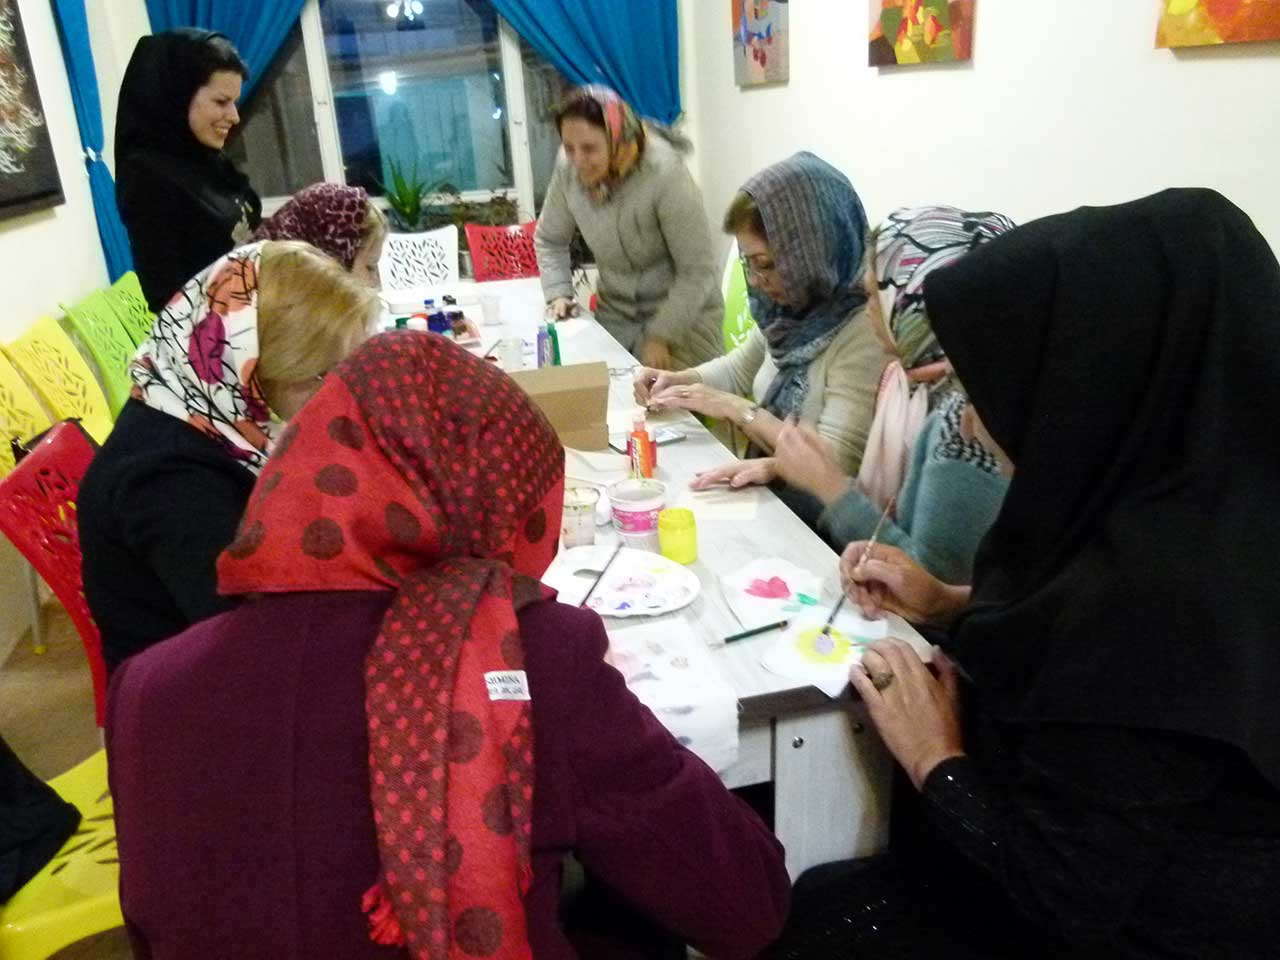 کارگاه نقاشی روی پارچه - وحیده فتحی - فرهنگسرای خانواده قاصدک